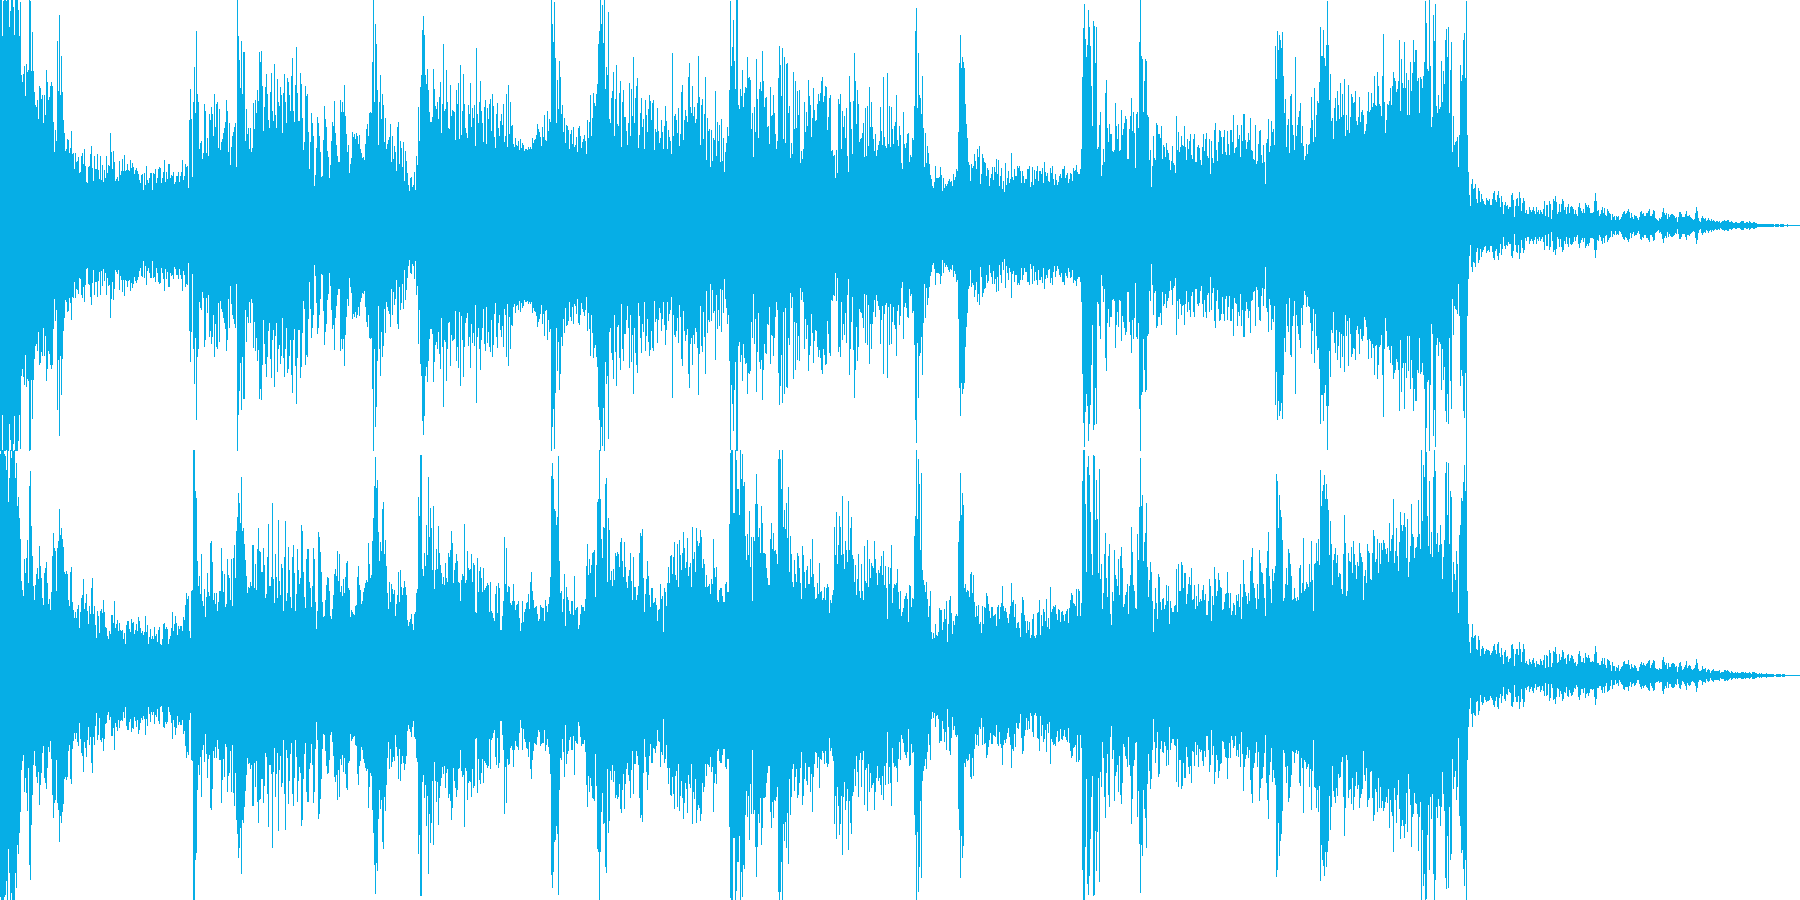 【ホラーゲーム】ワンシーン_鼓動の再生済みの波形